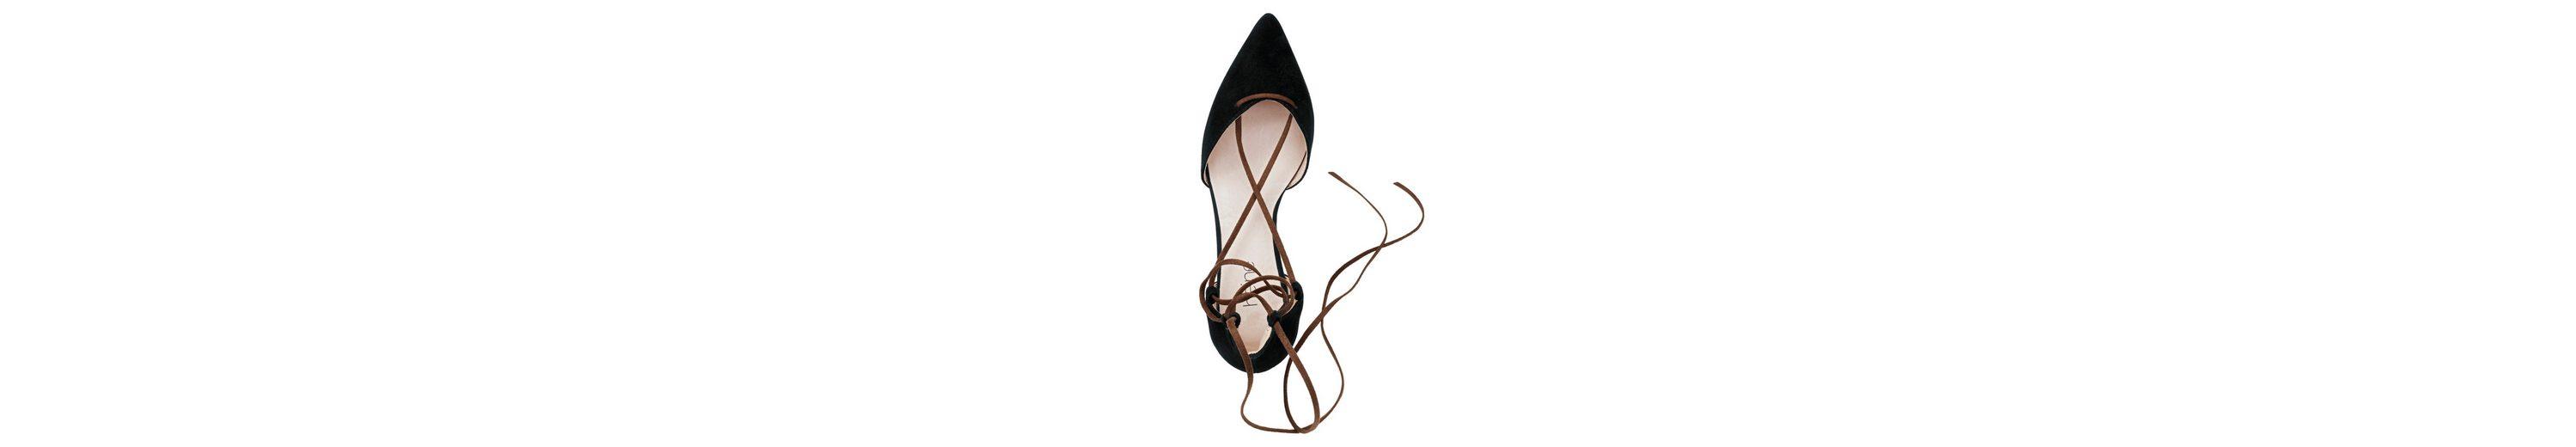 Heine Ballerina Billig Mit Kreditkarte Neuesten Kollektionen 4TTTvnYj52